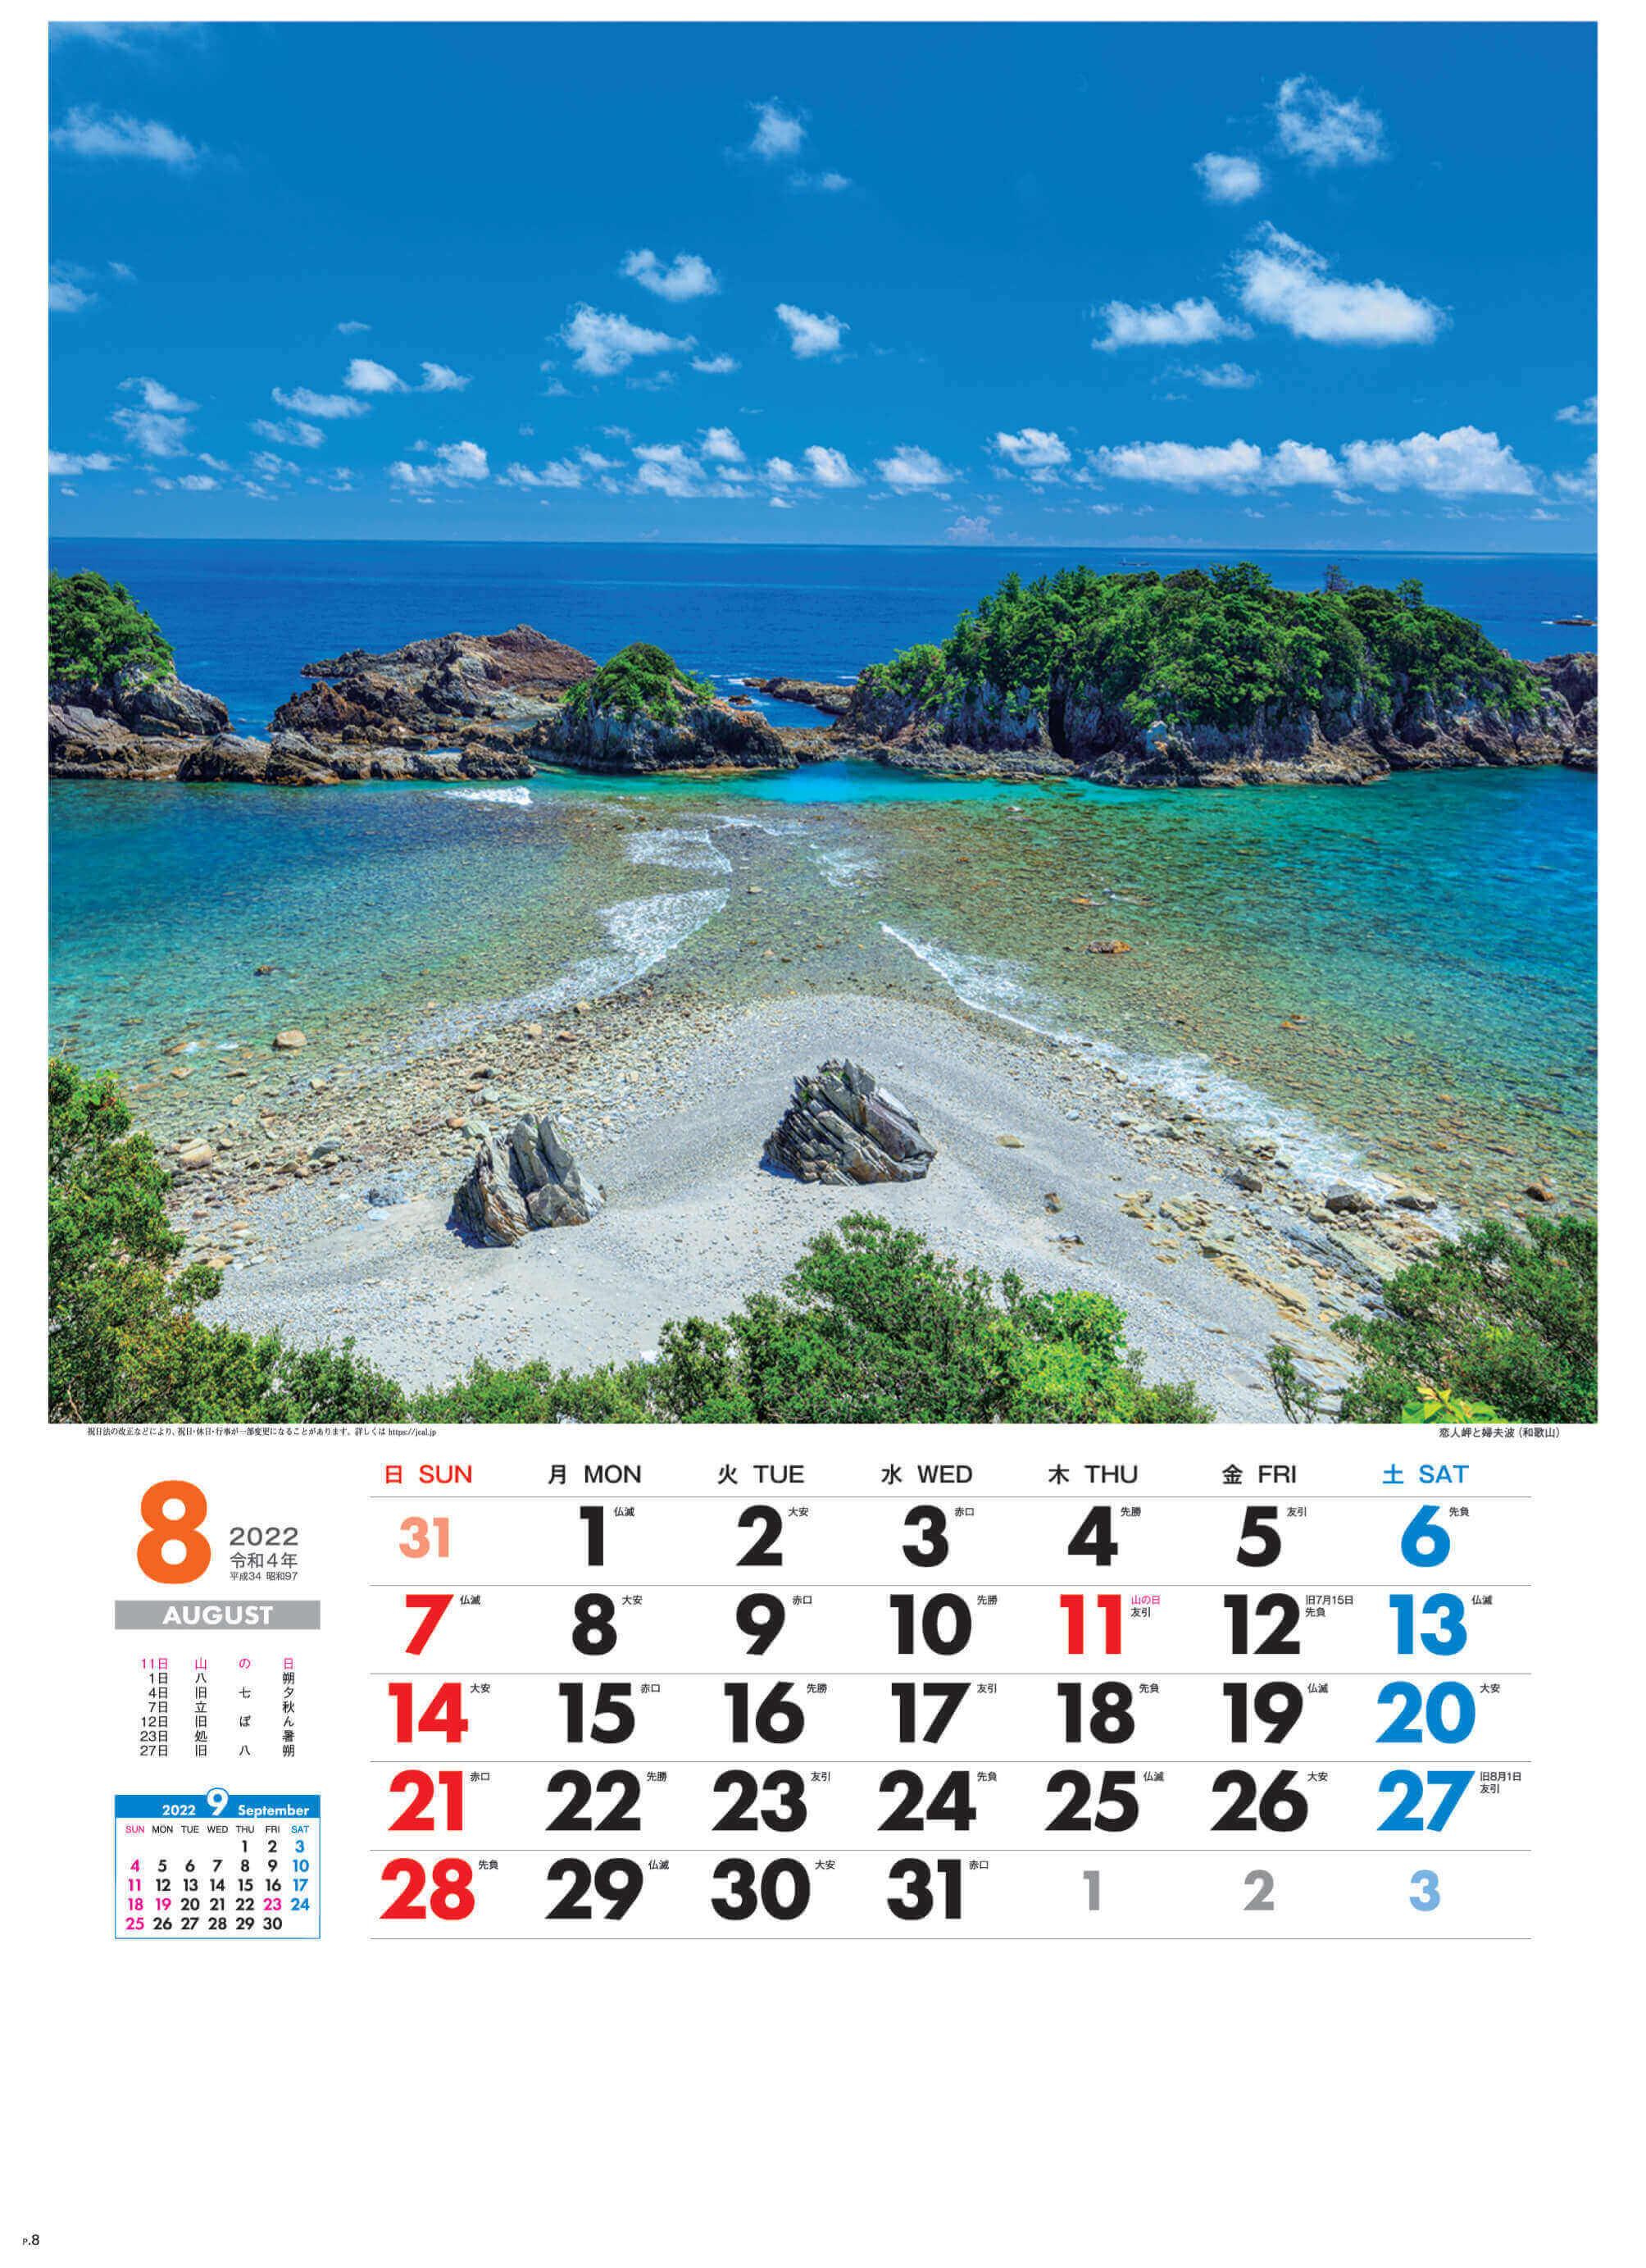 8月 恋人岬と婦夫波(和歌山) 美しき日本 2022年カレンダーの画像